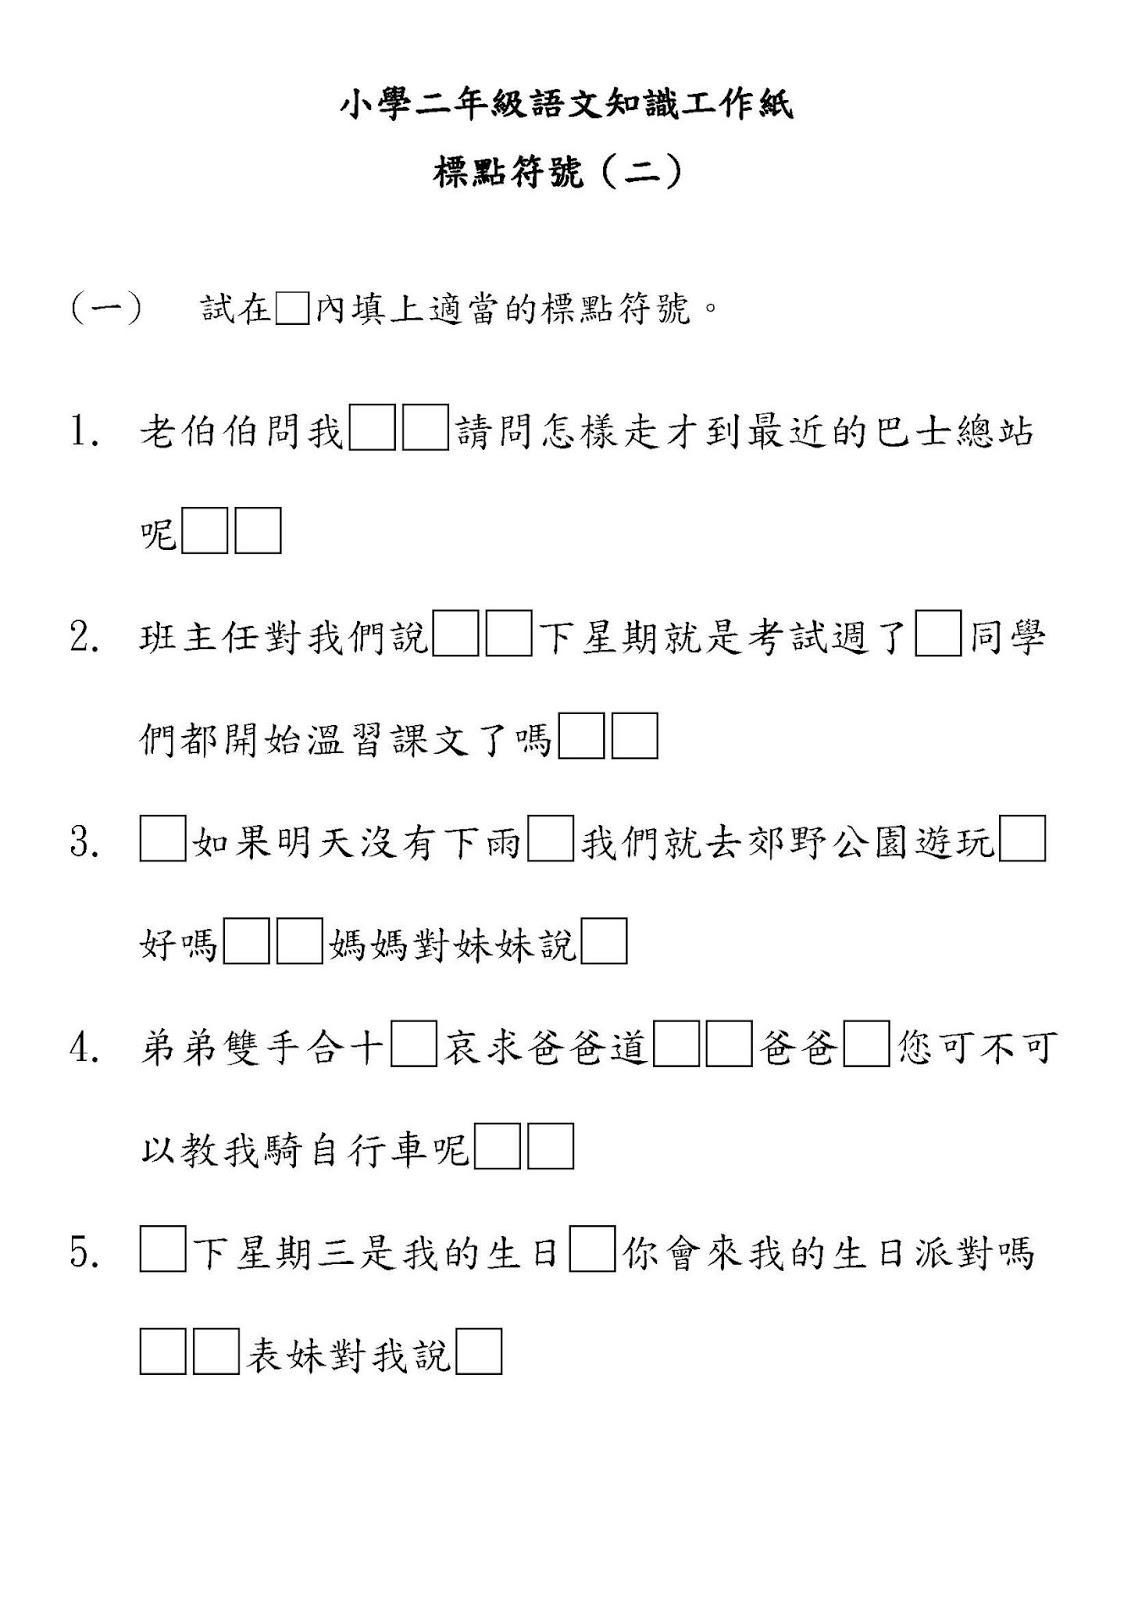 小二語文知識工作紙:標點符號(二) 中文工作紙 尤莉姐姐的反轉學堂